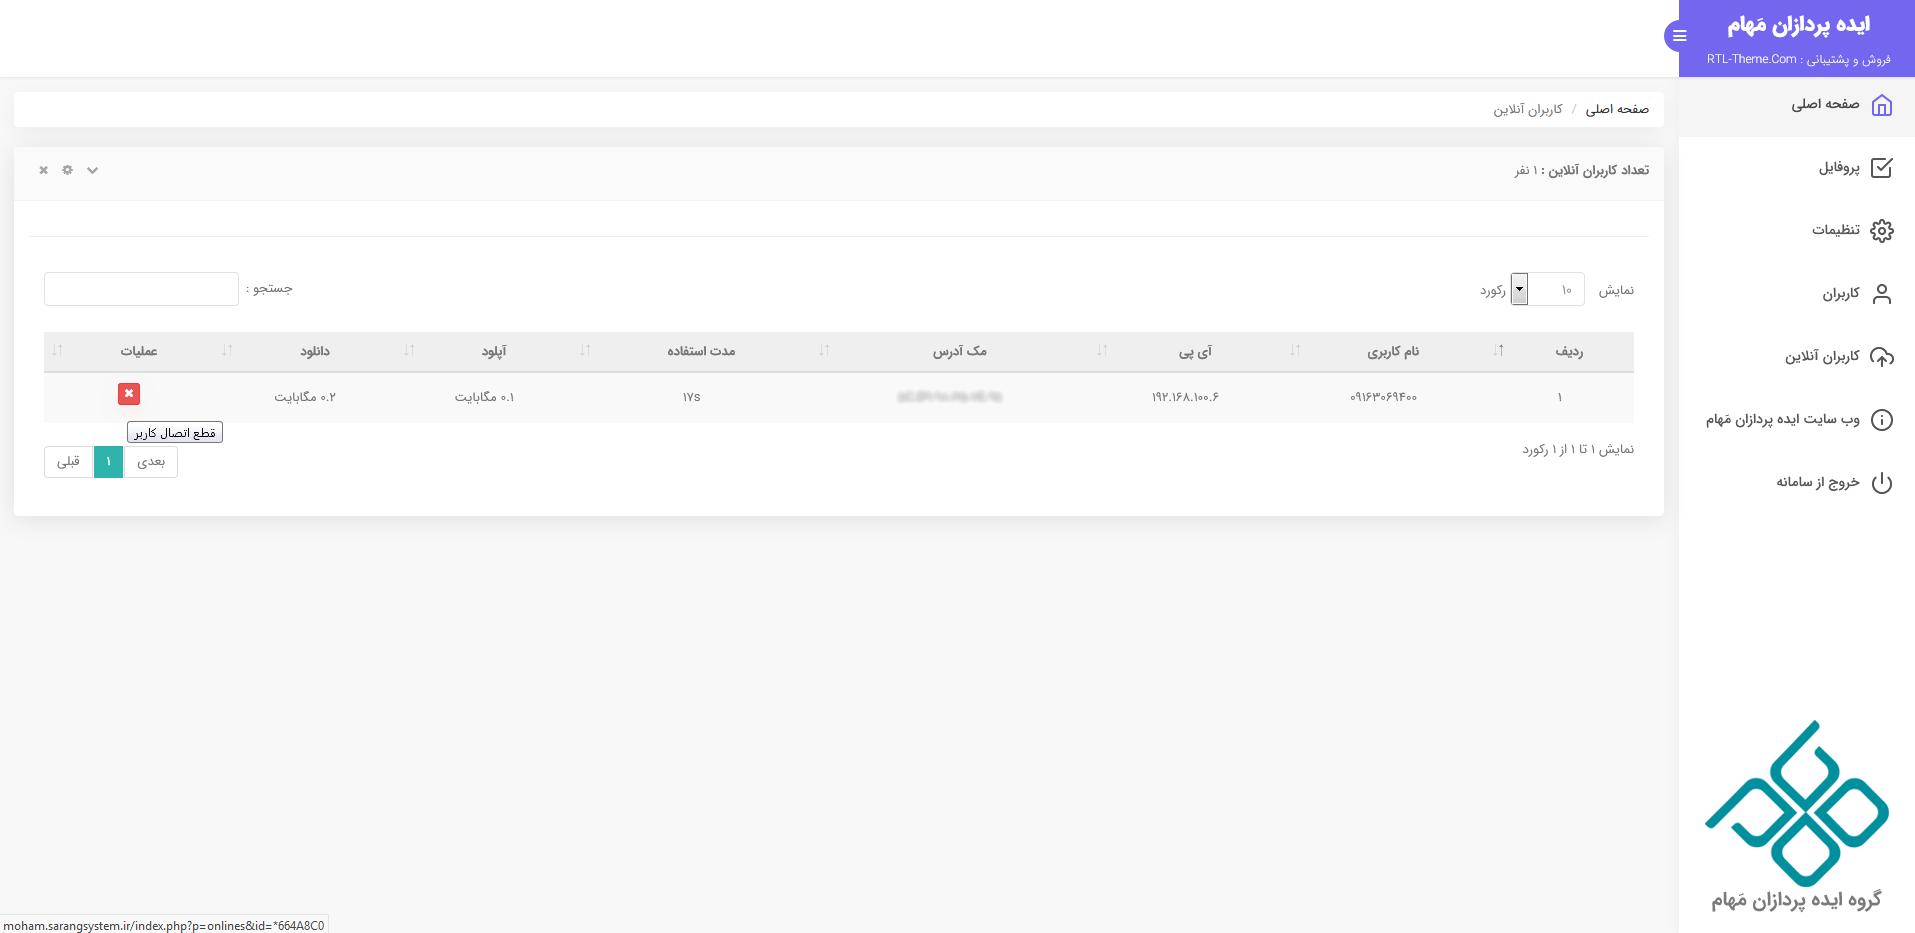 4034 c59b9f1aad7ba2f05bf5261ce - اسکریپت Maham | اسکریپت هات اسپات مدیریت شبکه WIFI مهام